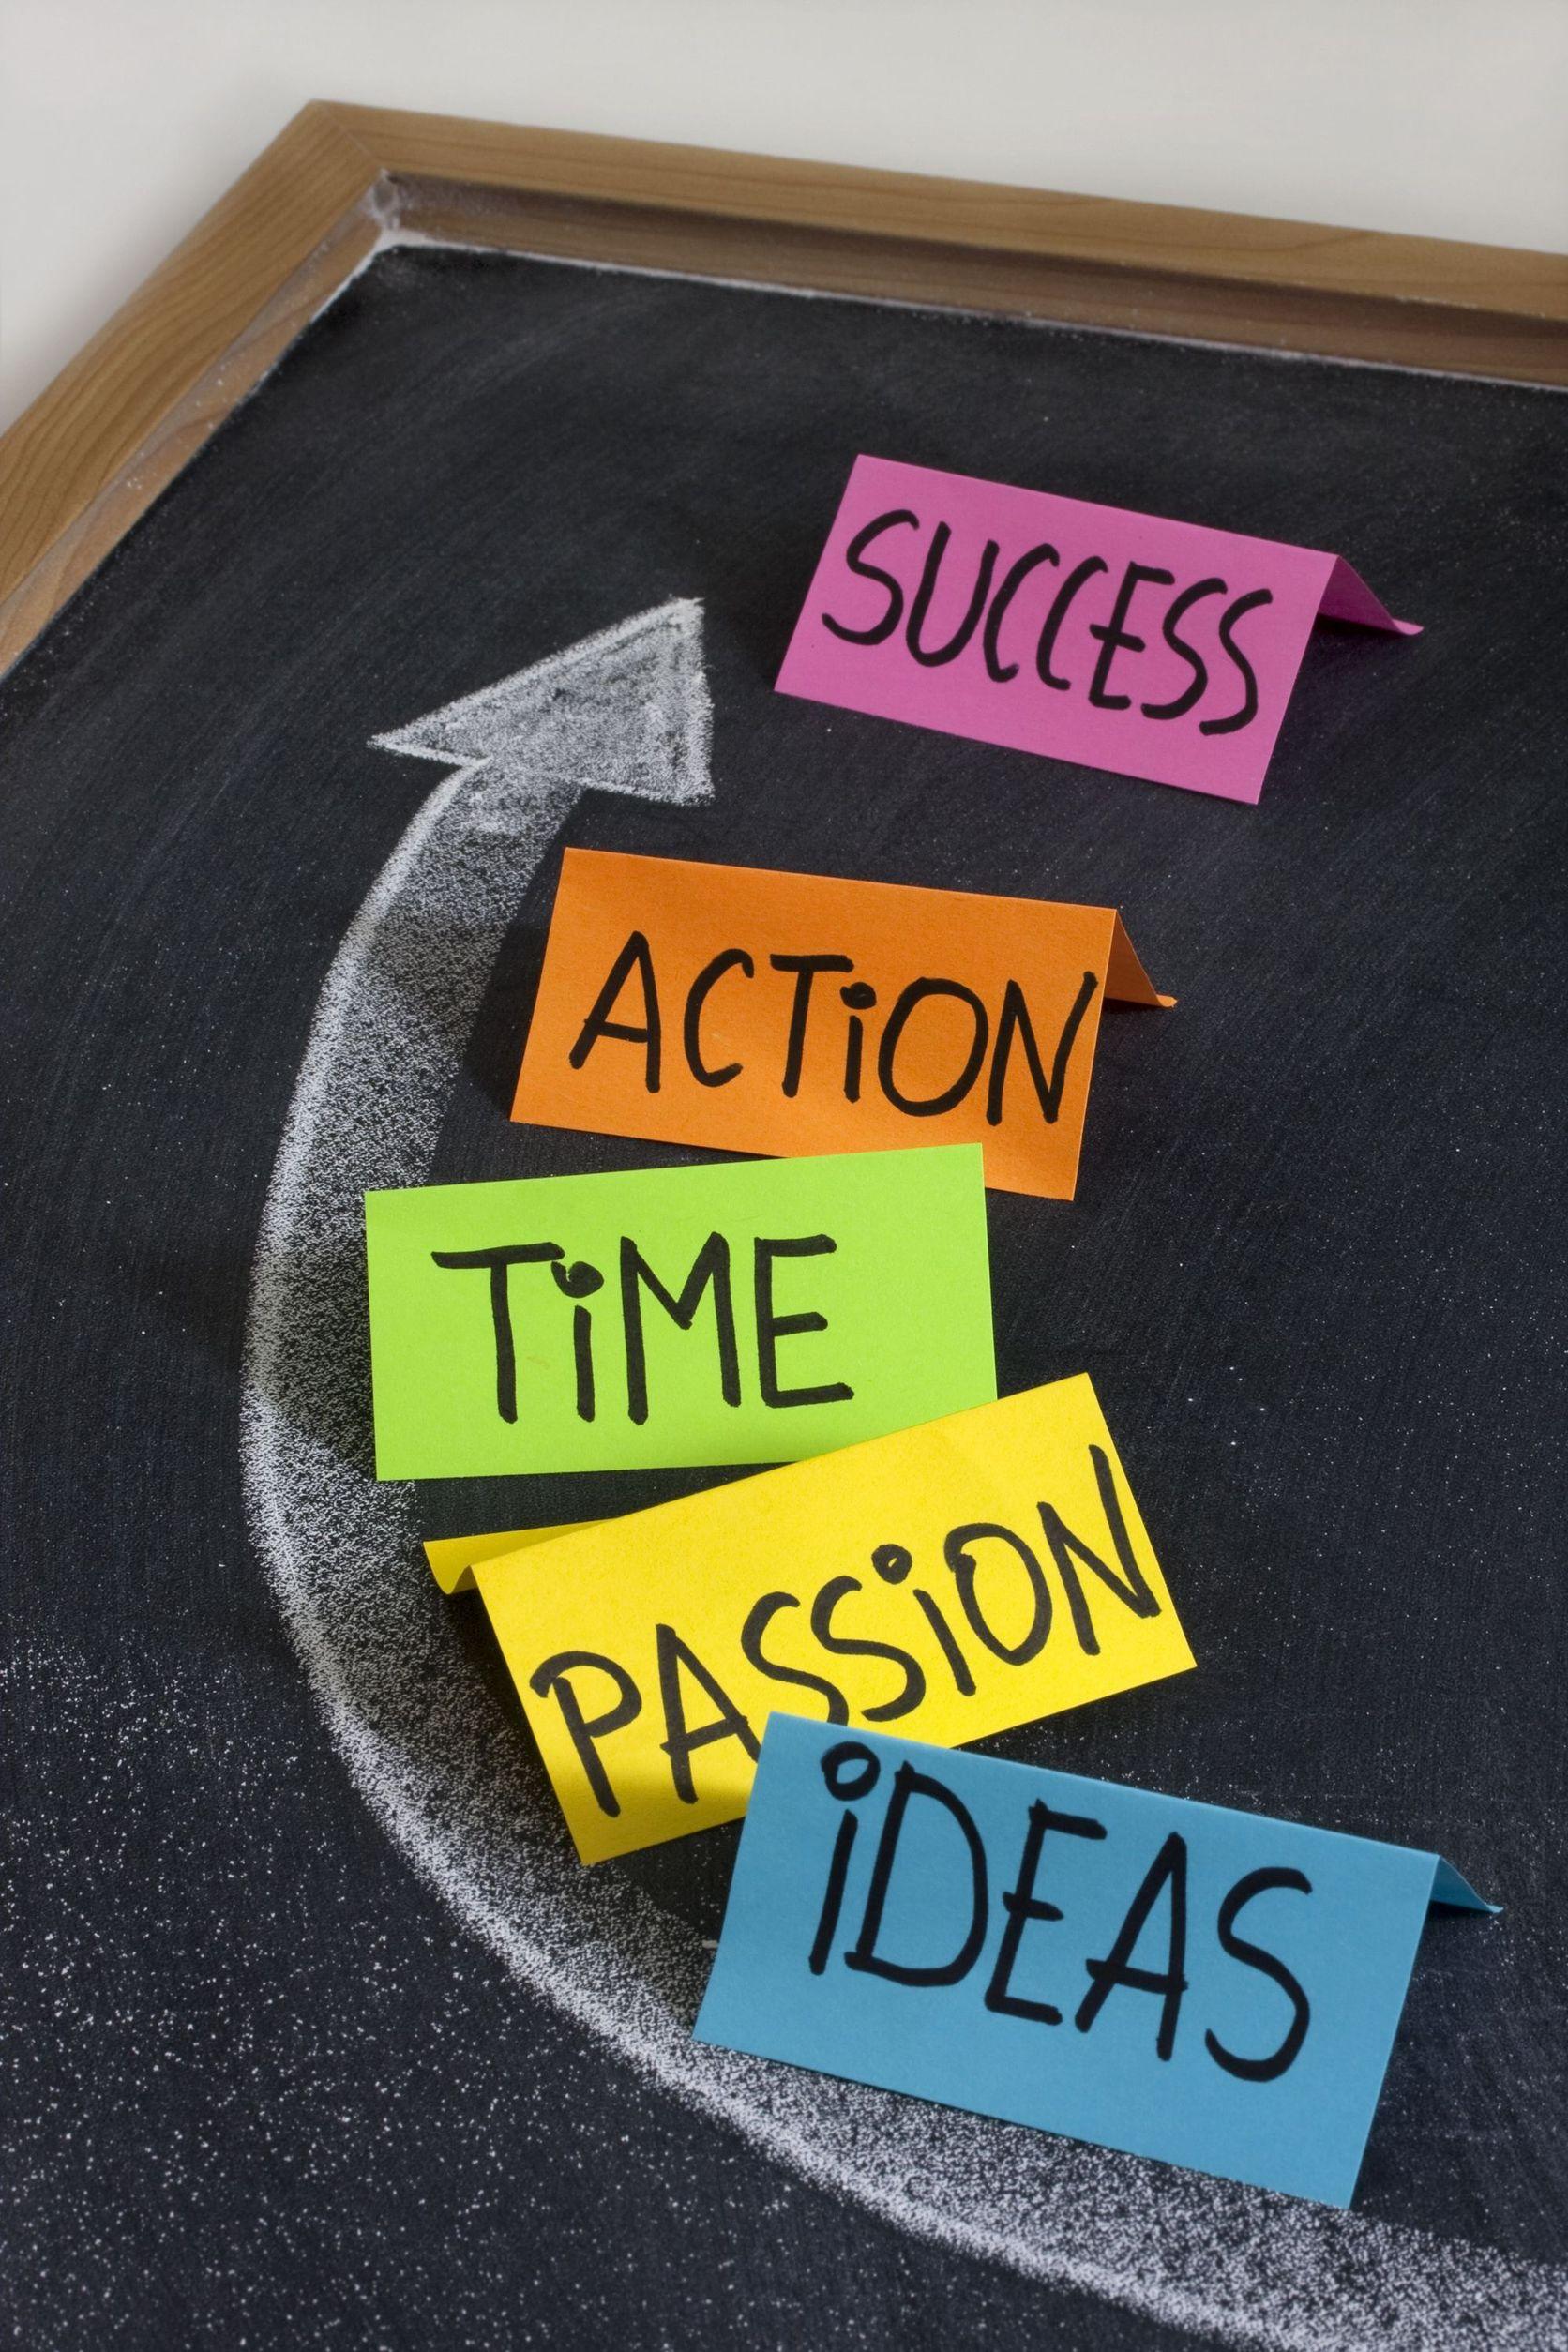 Steps for Success.jpg